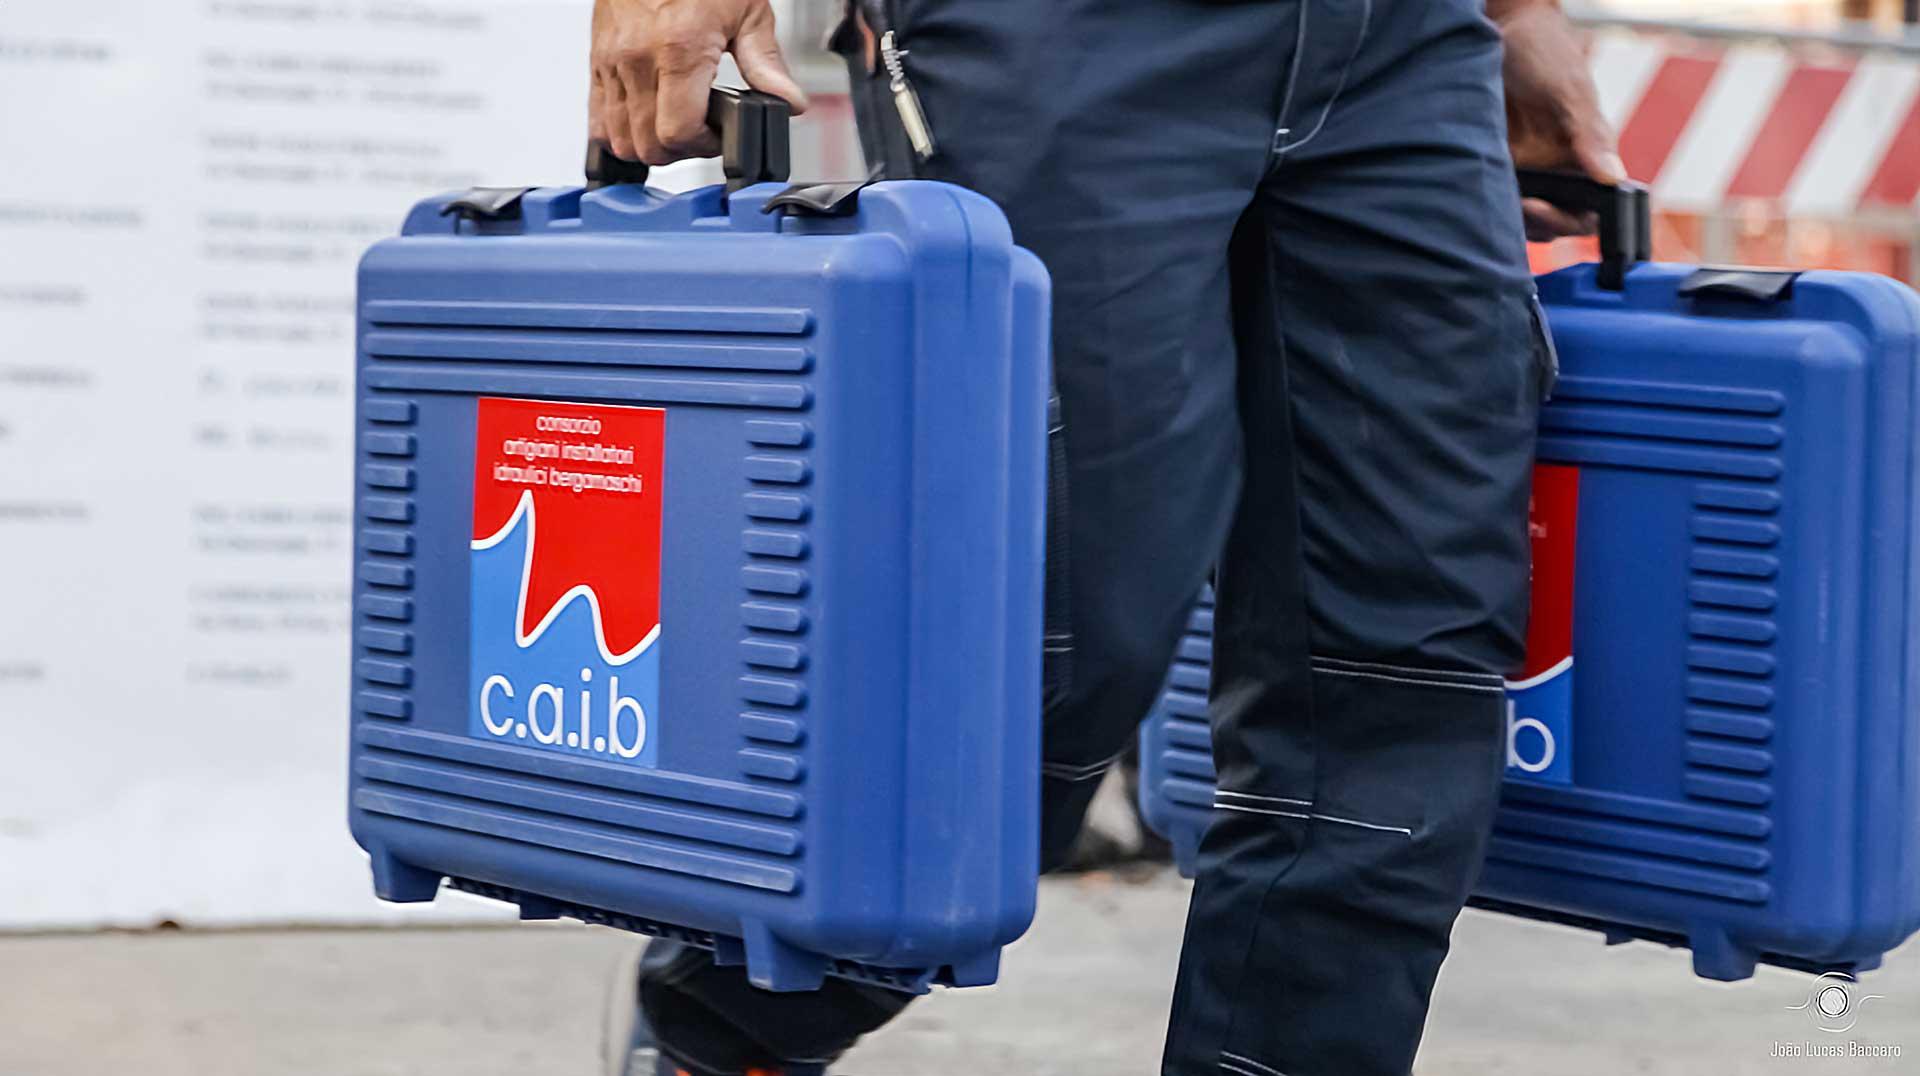 idraulico del consorzio CAIB con due valigette degli attrezzi